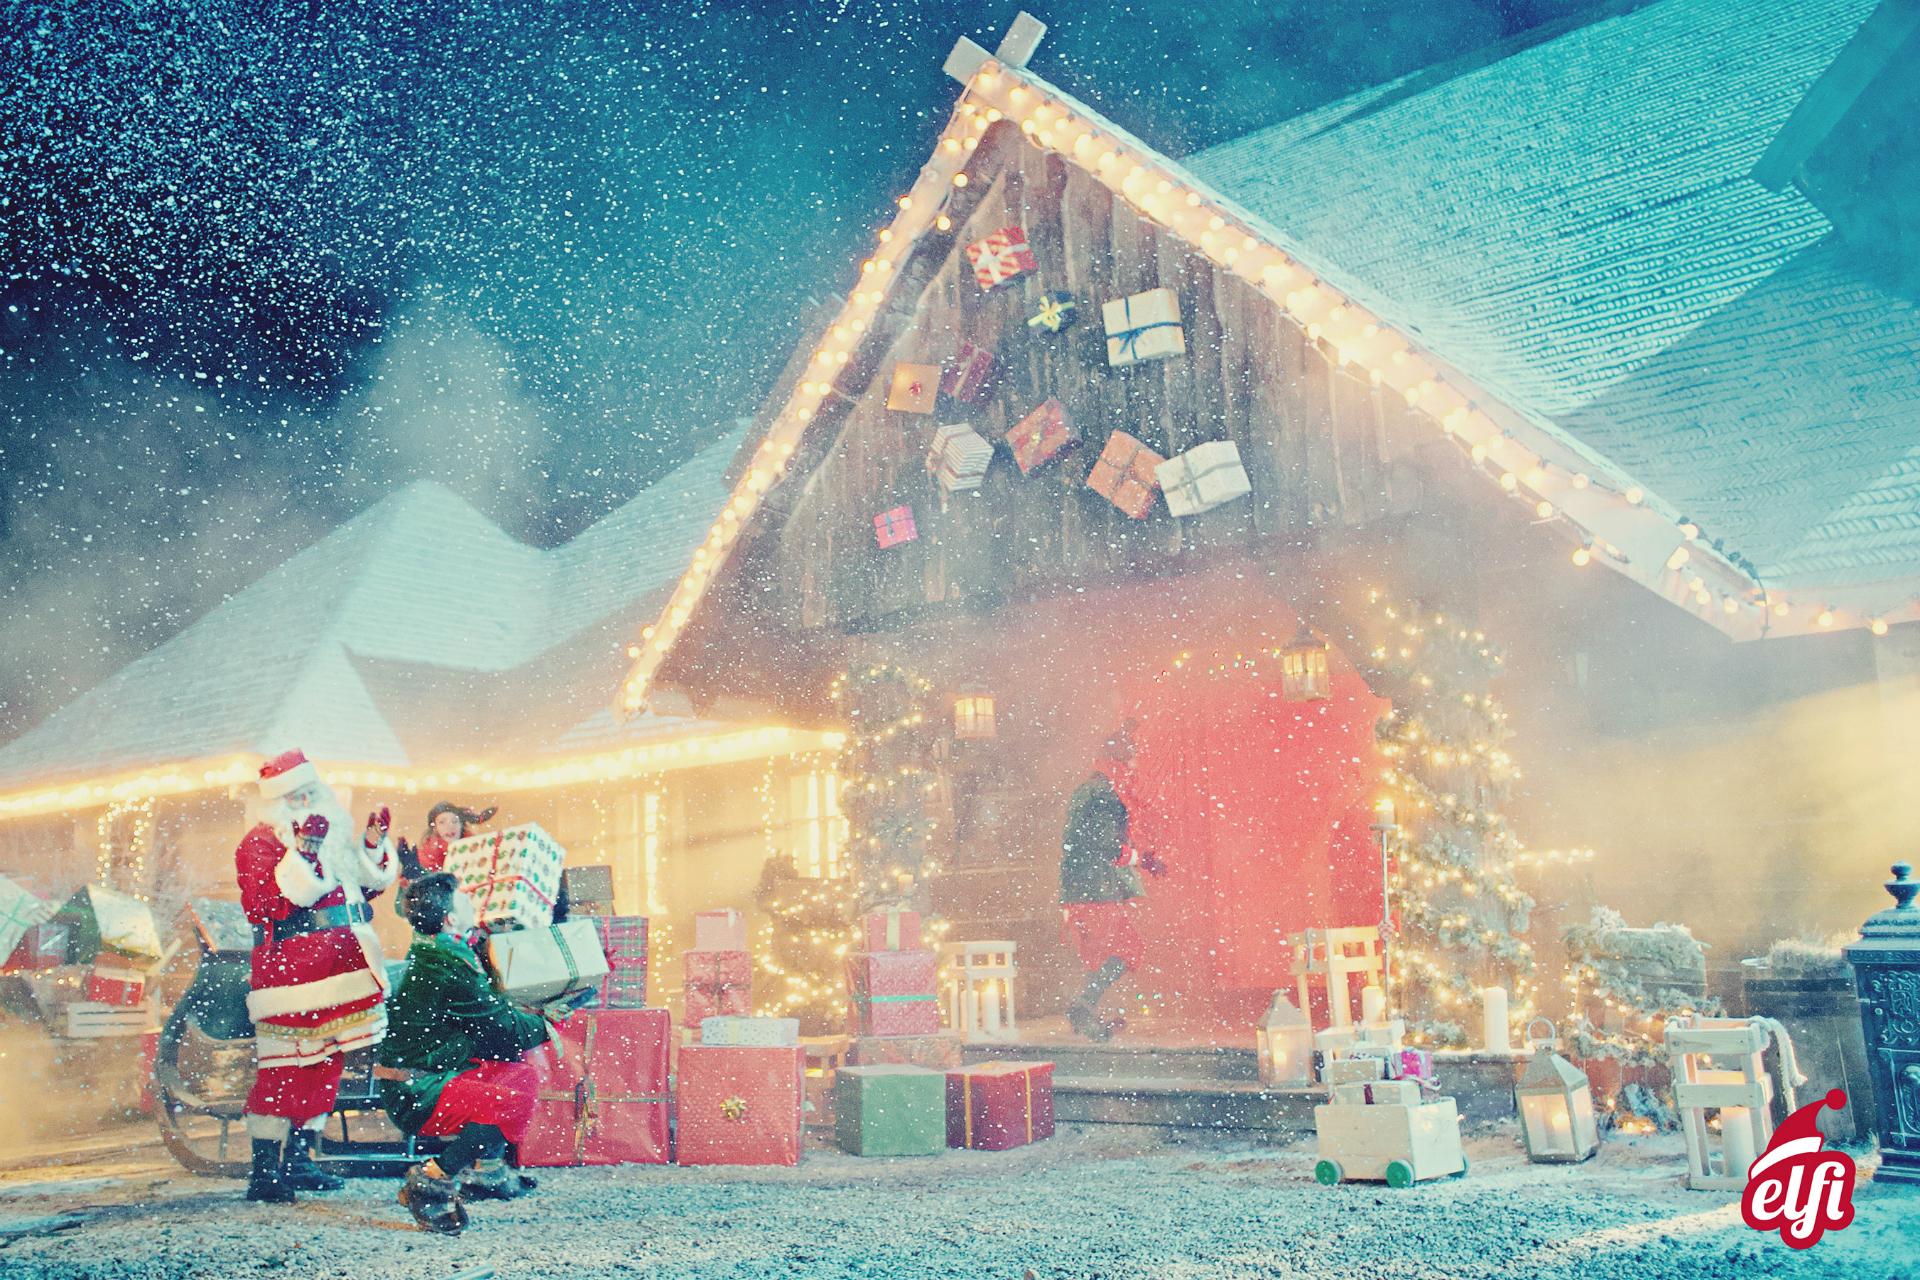 Dove Si Trova In Questo Momento Babbo Natale.Villaggio Di Babbo Natale Elfi